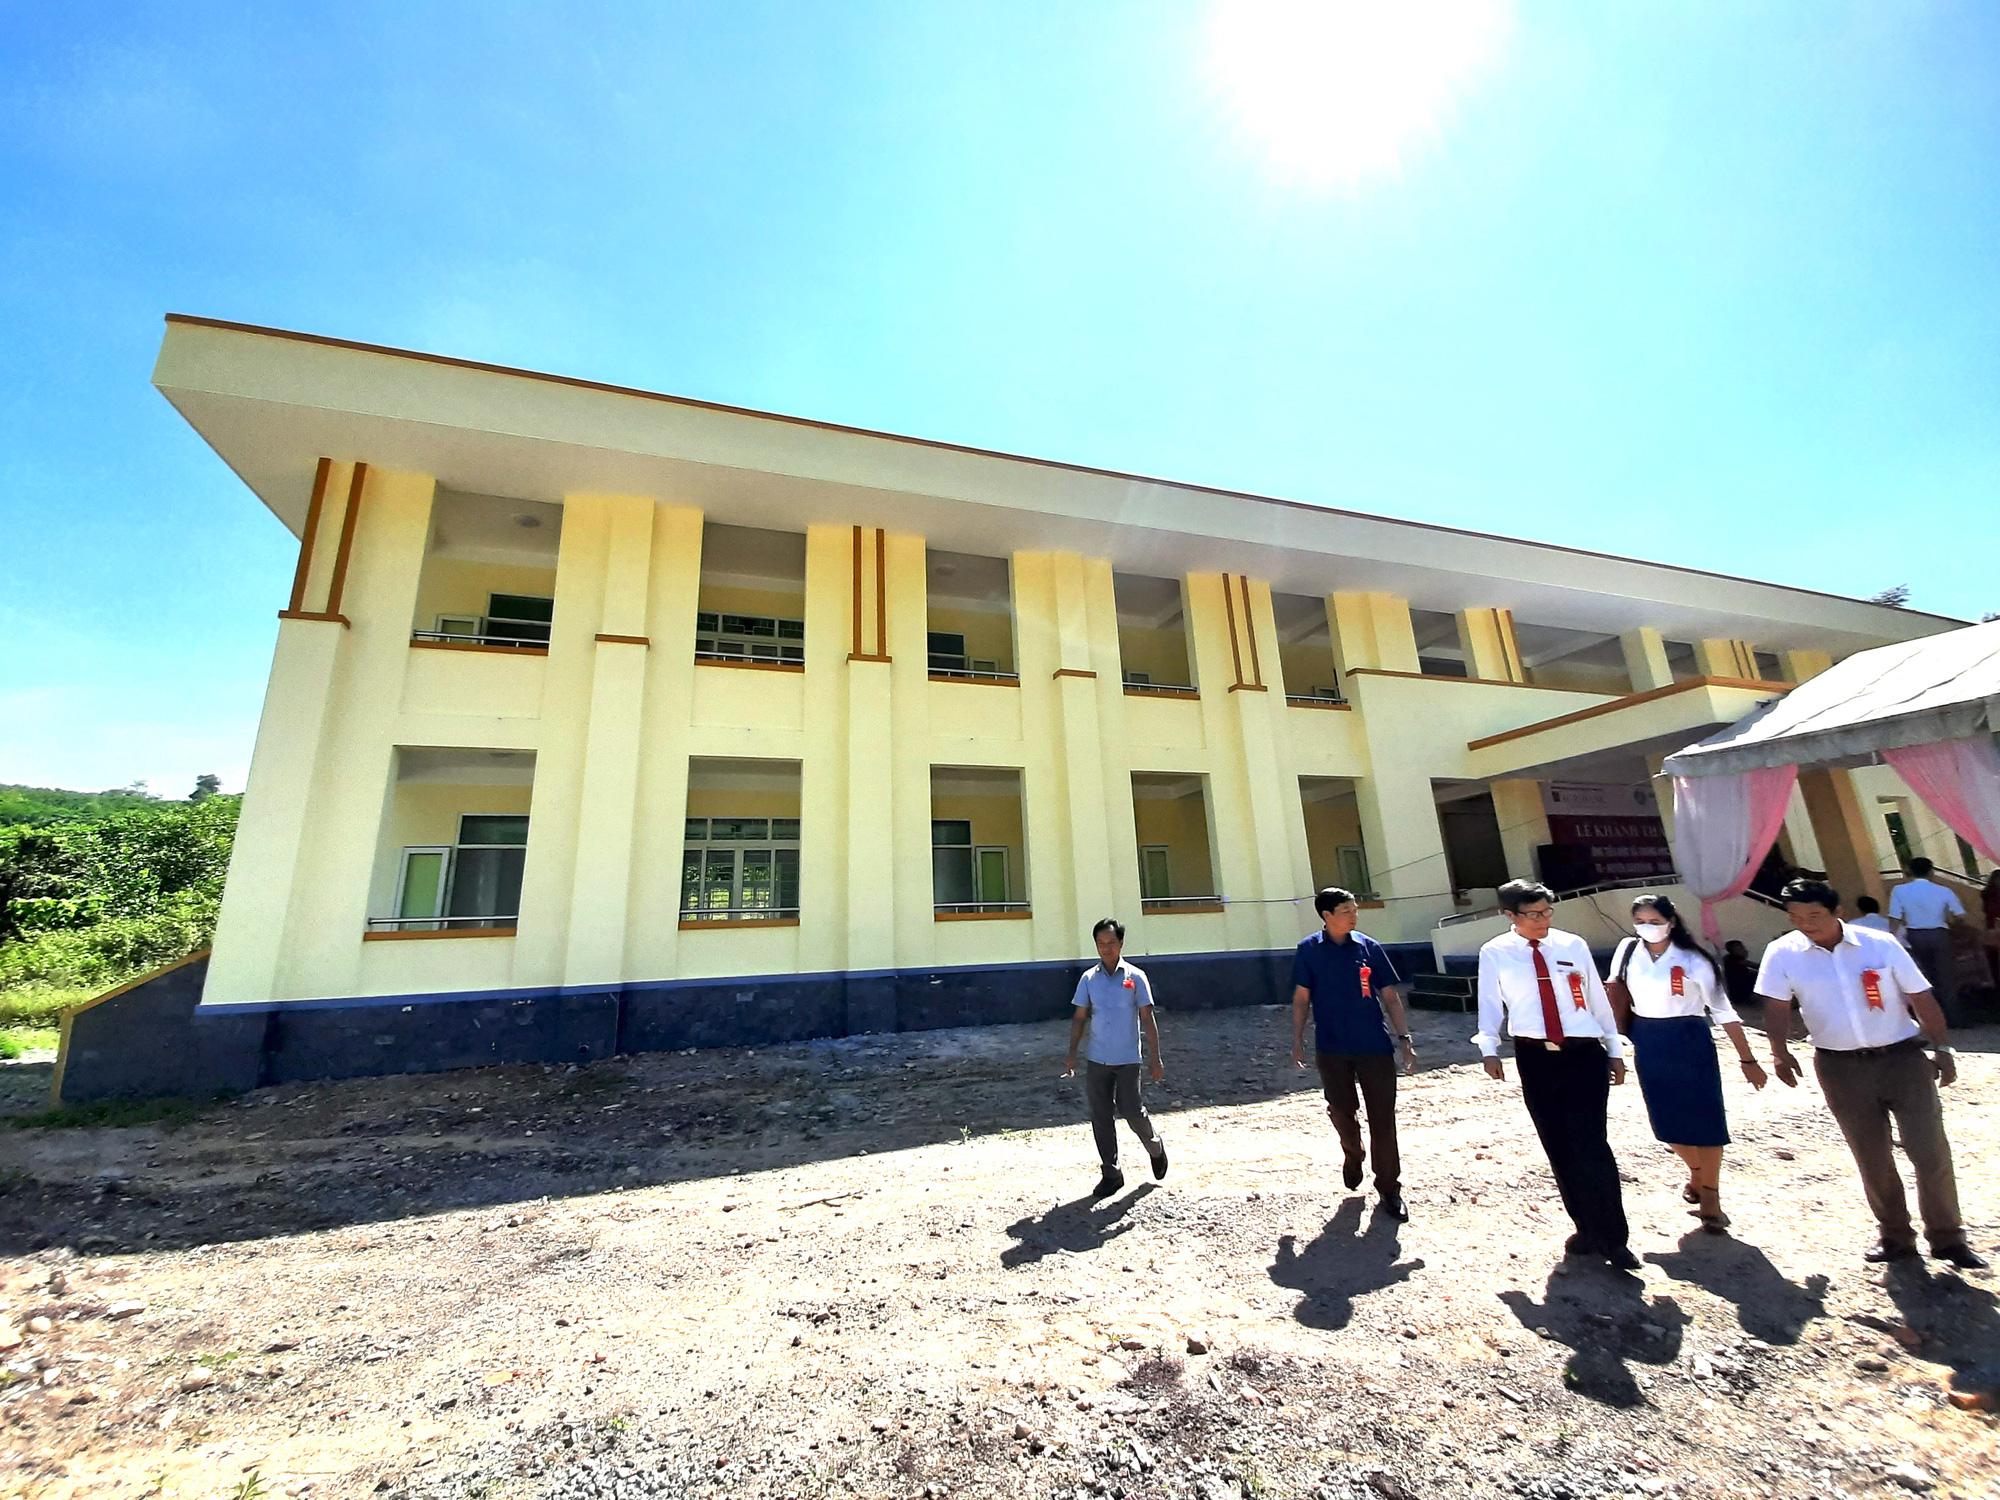 Ngân hàng Agribank xây trường học 5 tỷ đồng ở Quảng Trị - Ảnh 6.